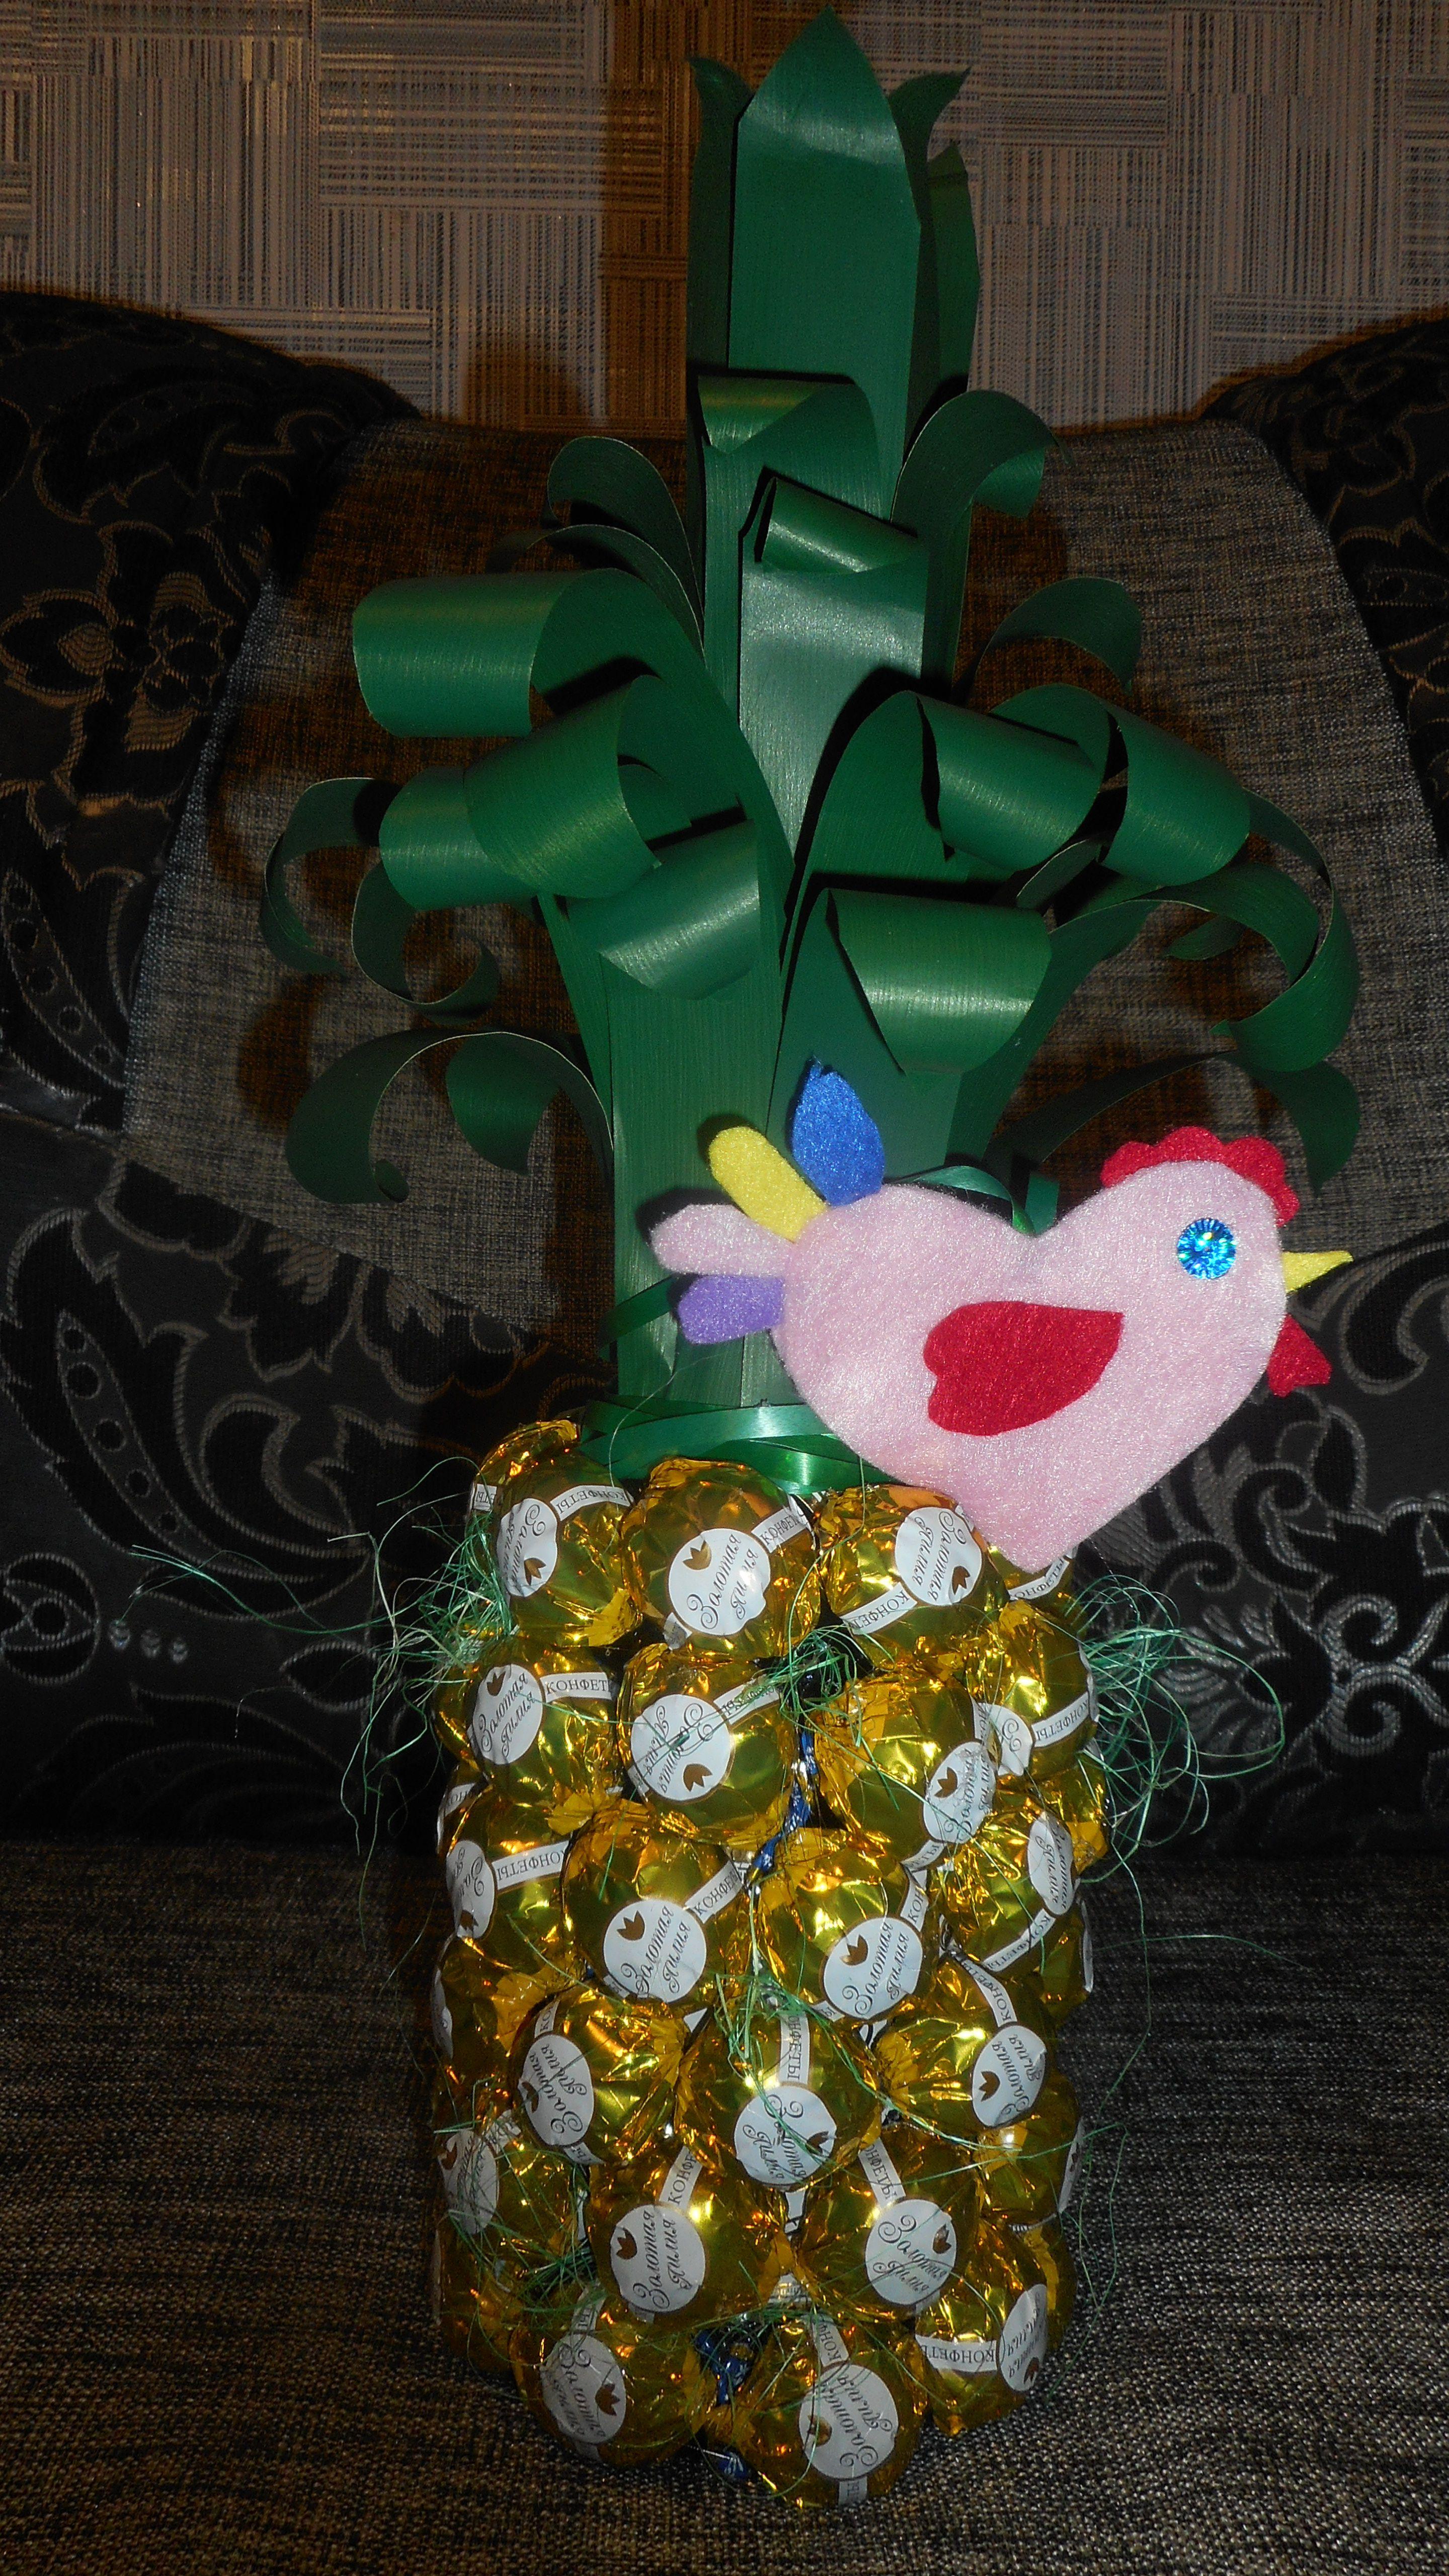 шампанского из подарок год новый конфет сладкий и